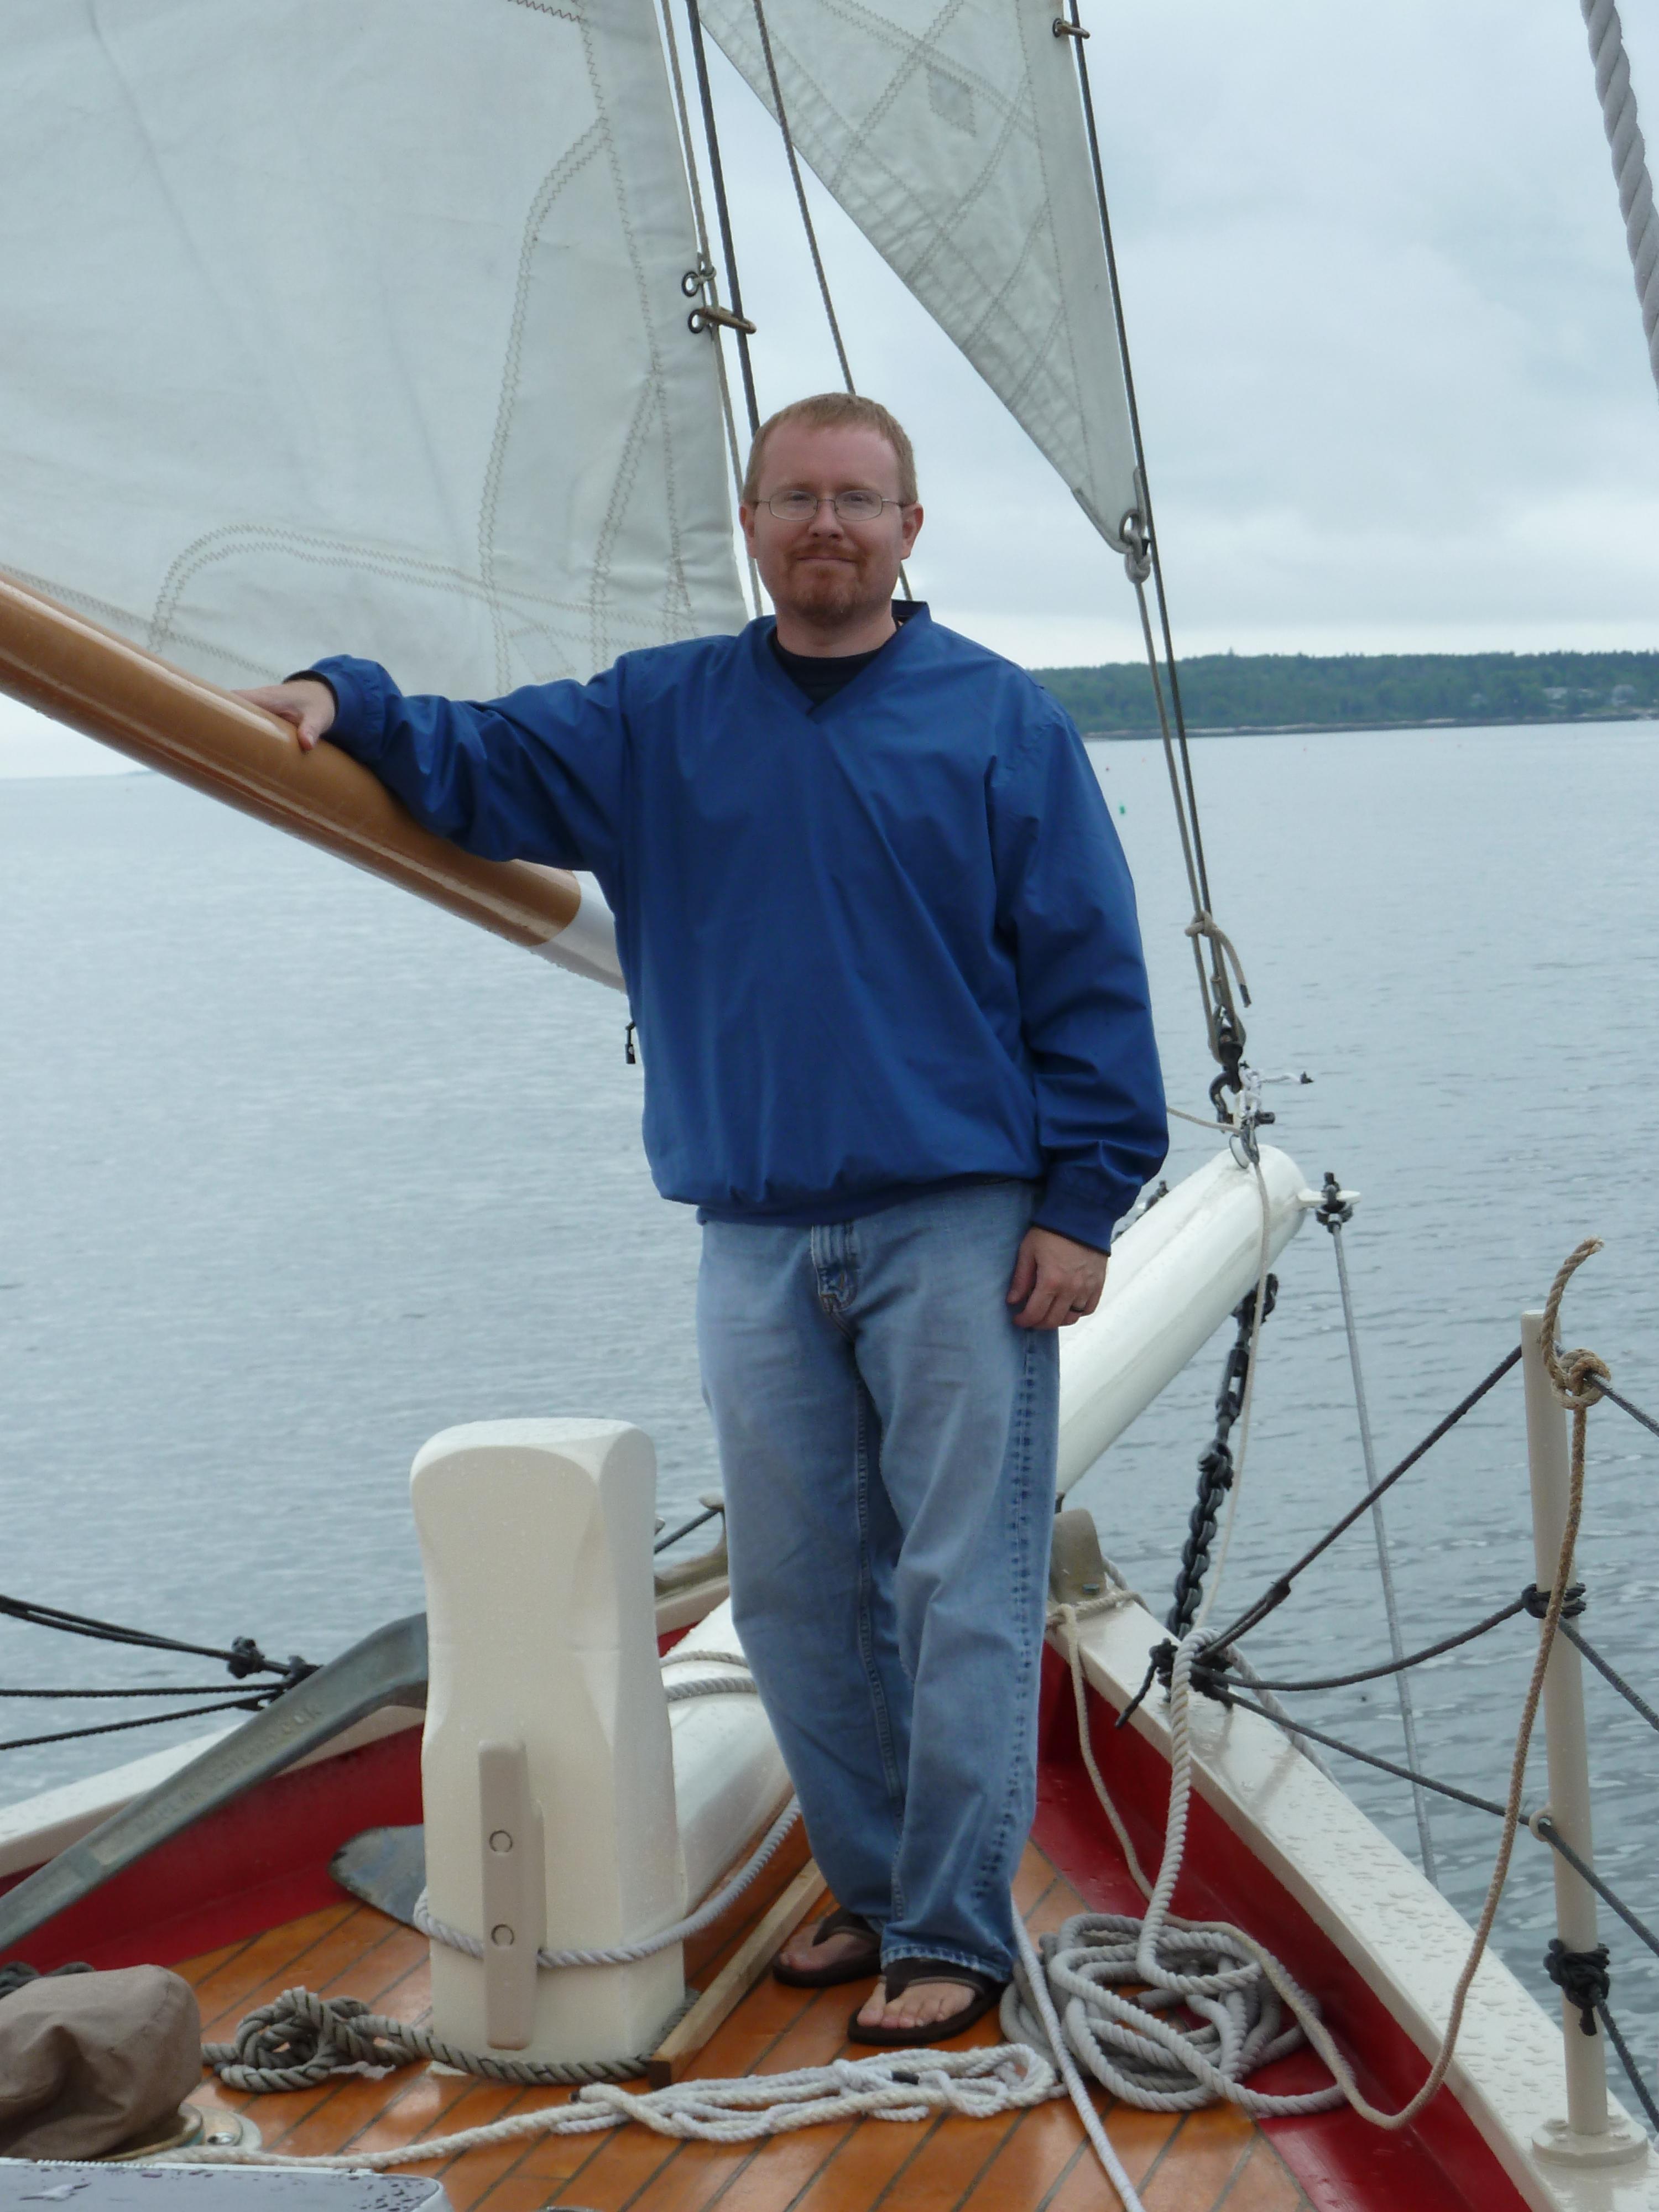 On Schooner Eastwind in Boothbay Harbor, Maine